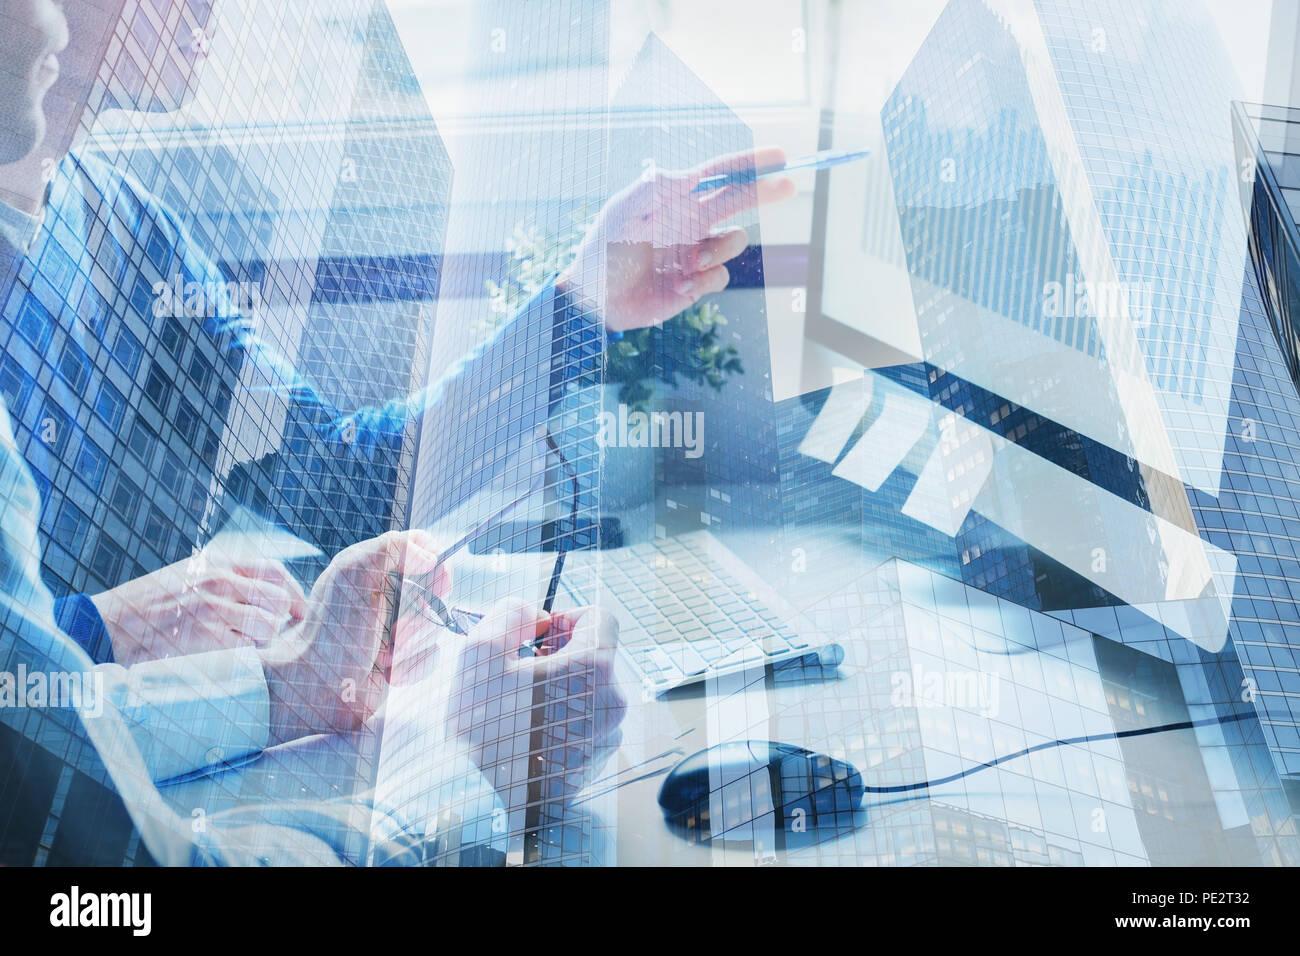 La technologie de l'entreprise et d'innovation, de réflexion ou de collaboration concept, double exposition du travail d'équipe in modern office Photo Stock